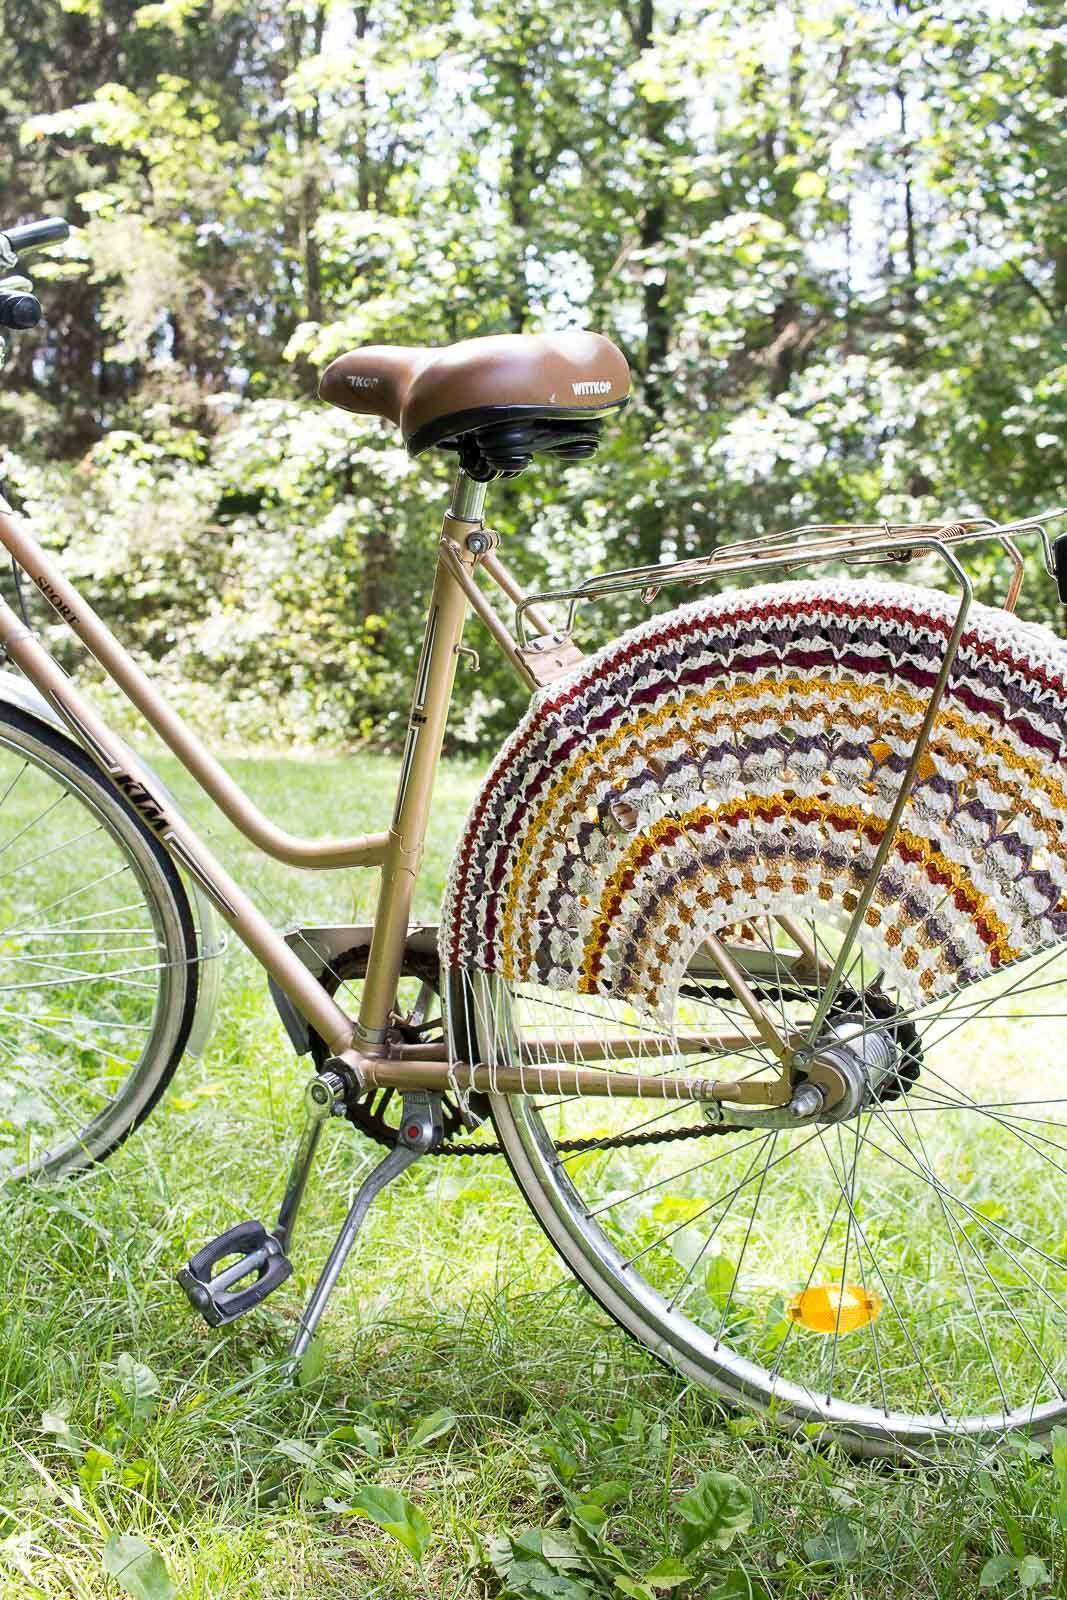 Gehakeltes Fahrradnetz Diy Selber Machen Anleitungen Fahrrad